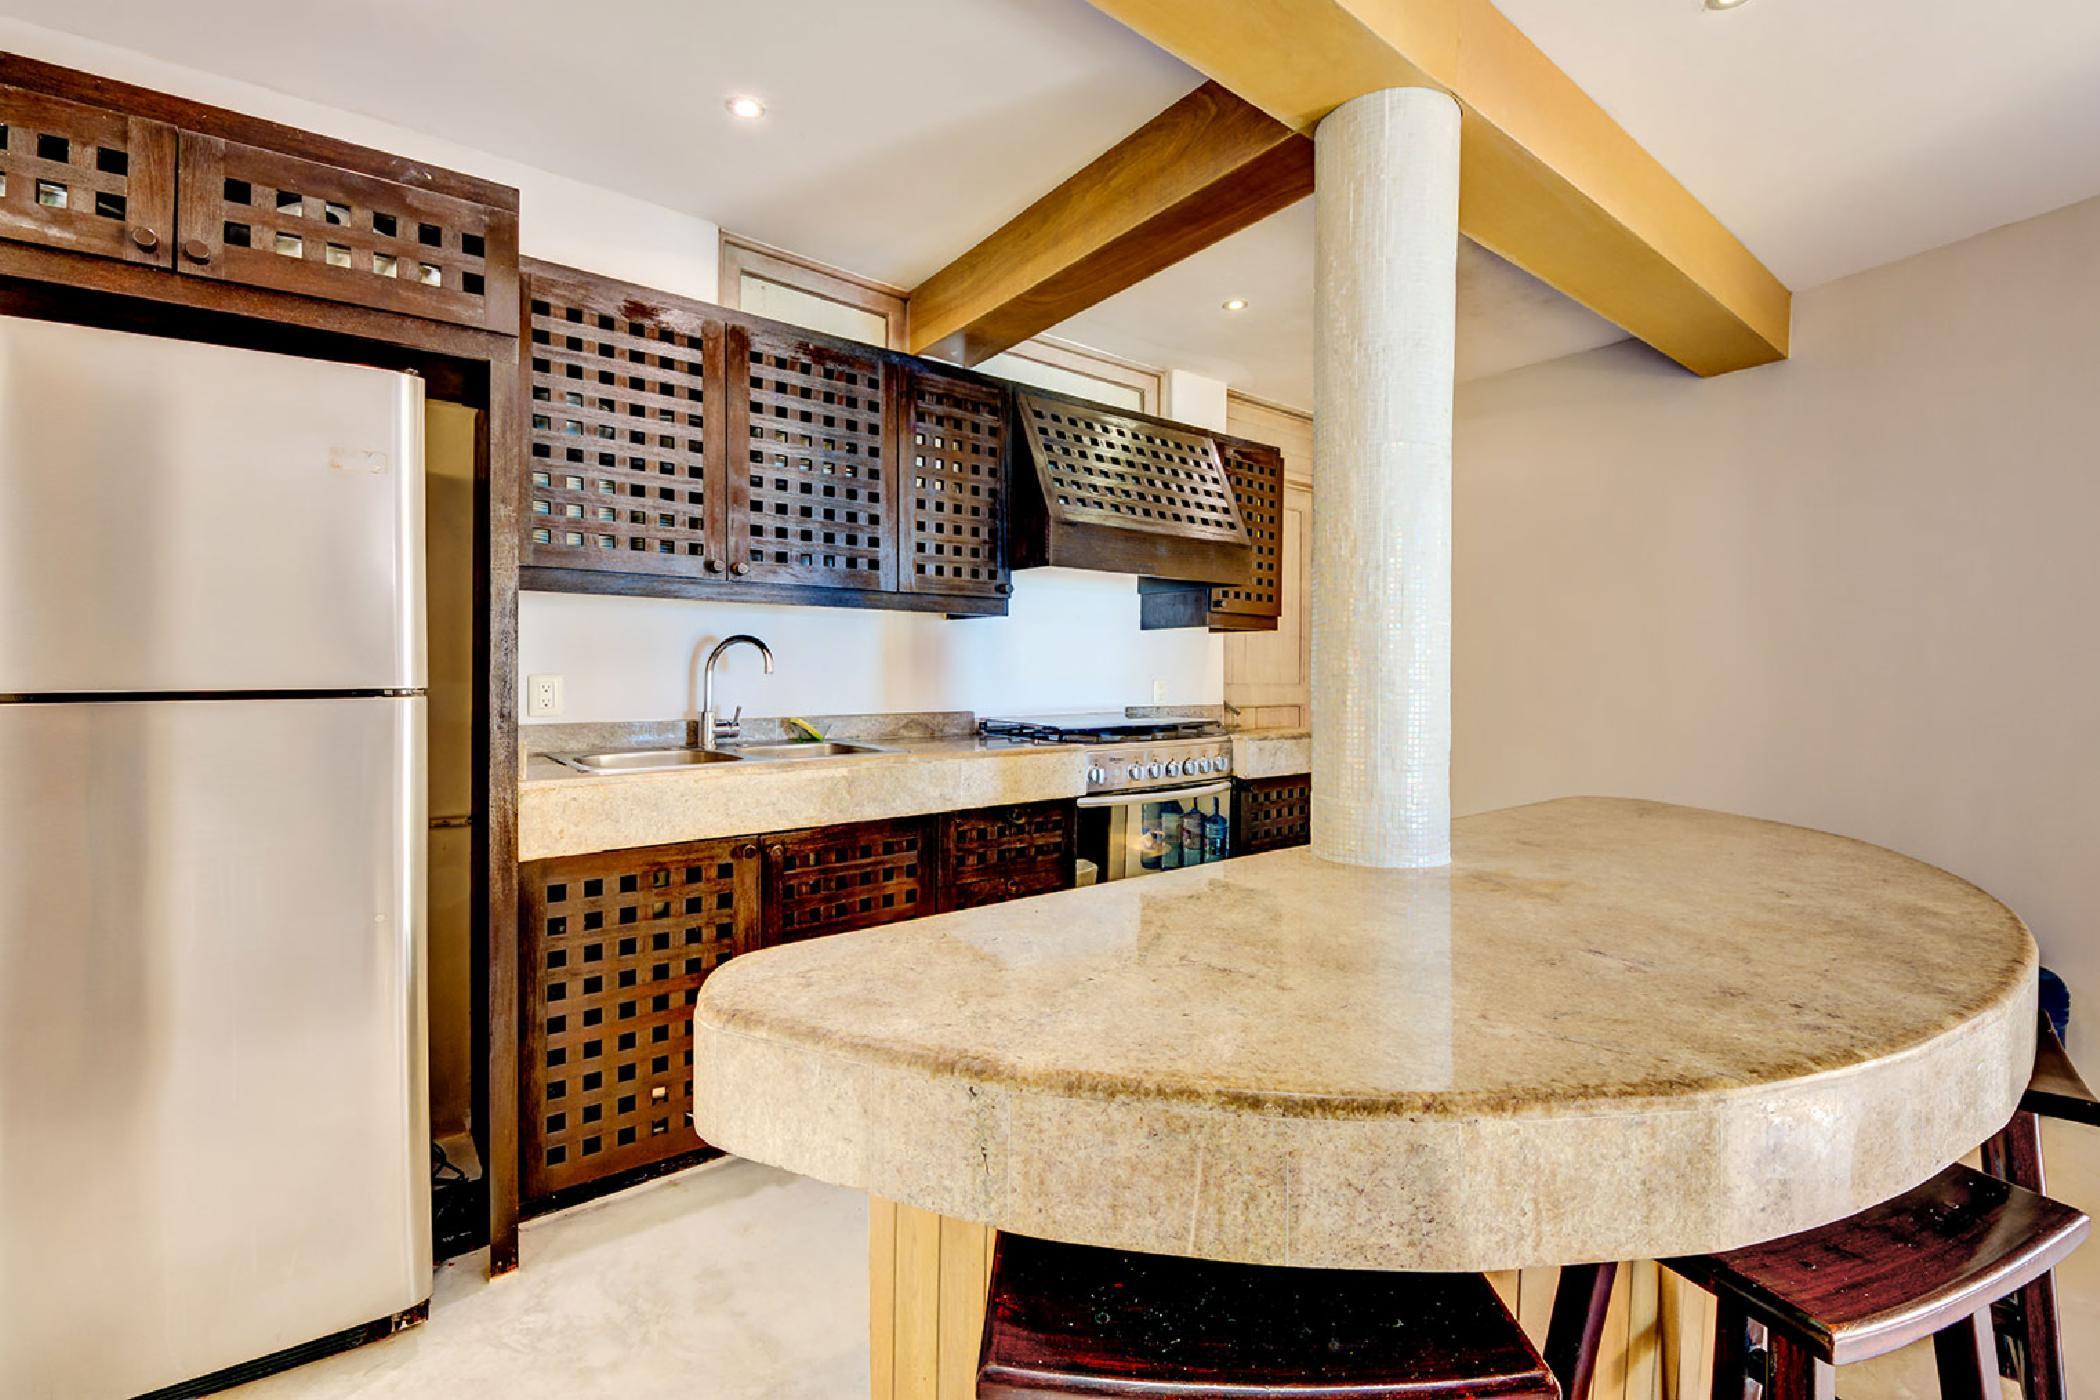 Maya_Luxe_Riviera_Maya_Luxury_Villas_Experiences_Tulum_Beach_5_Bedrooms_Villa_Miramar_19.jpg